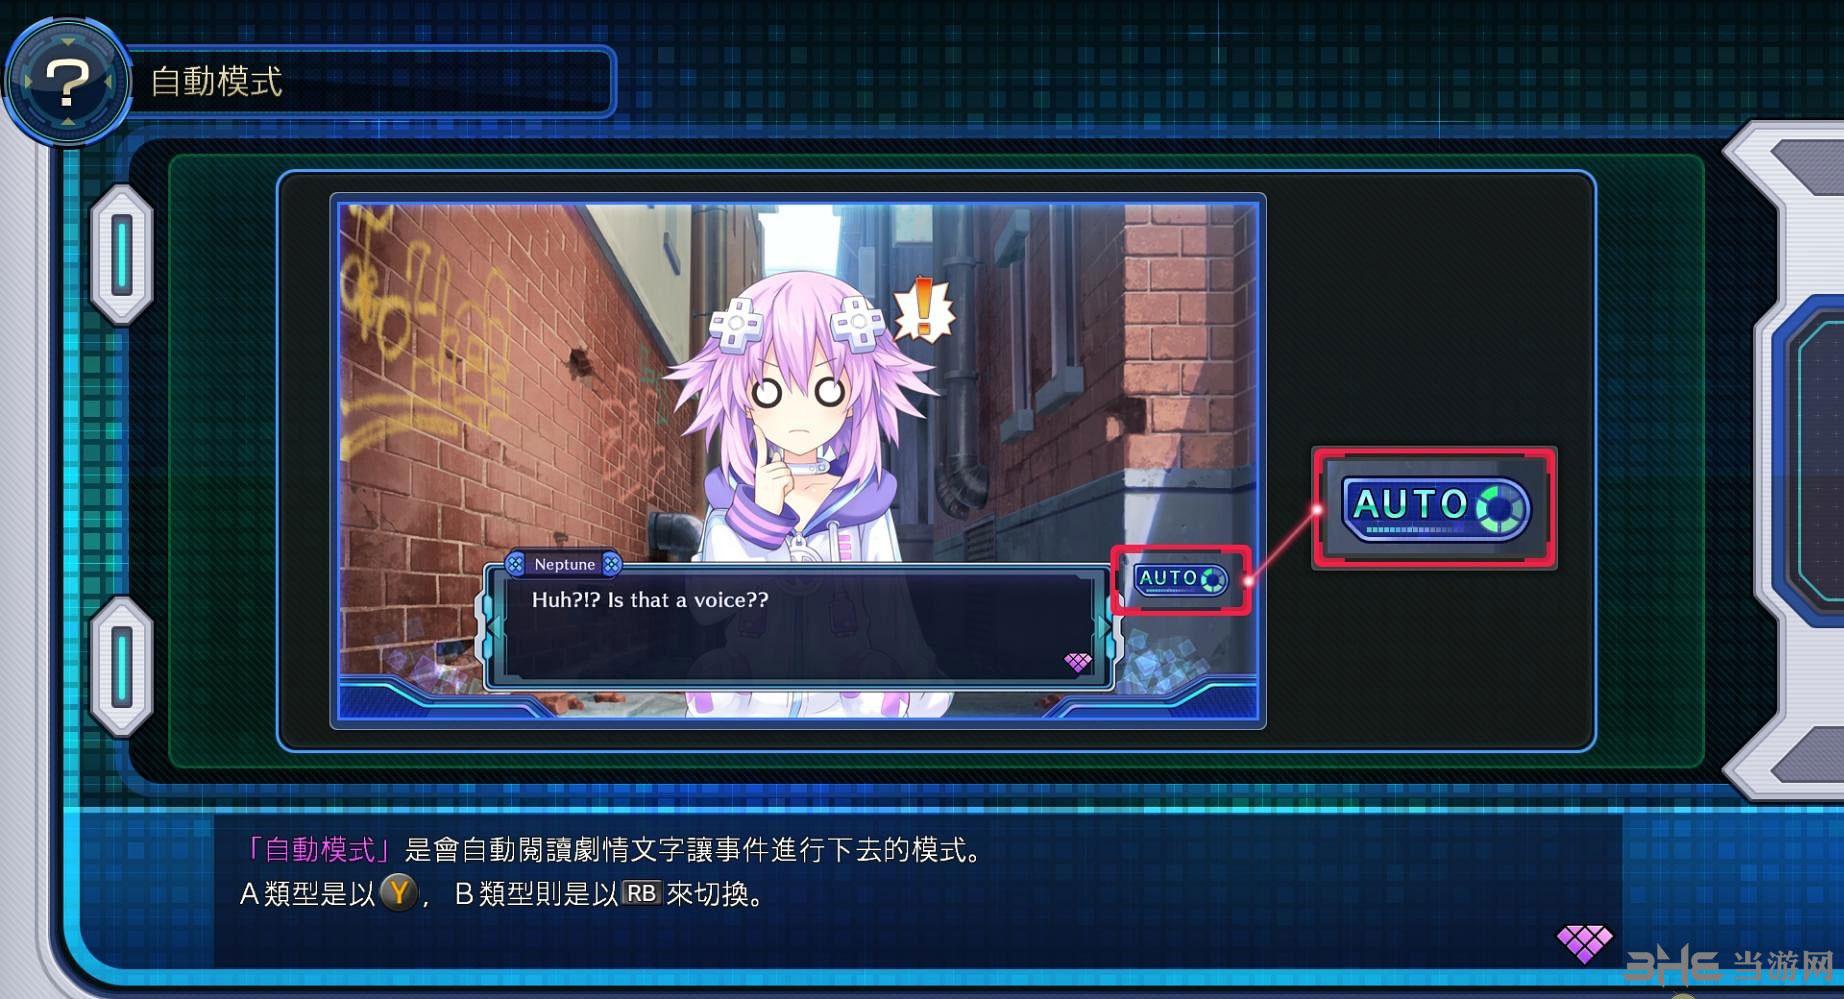 新次元游戏:海王星VII截图9